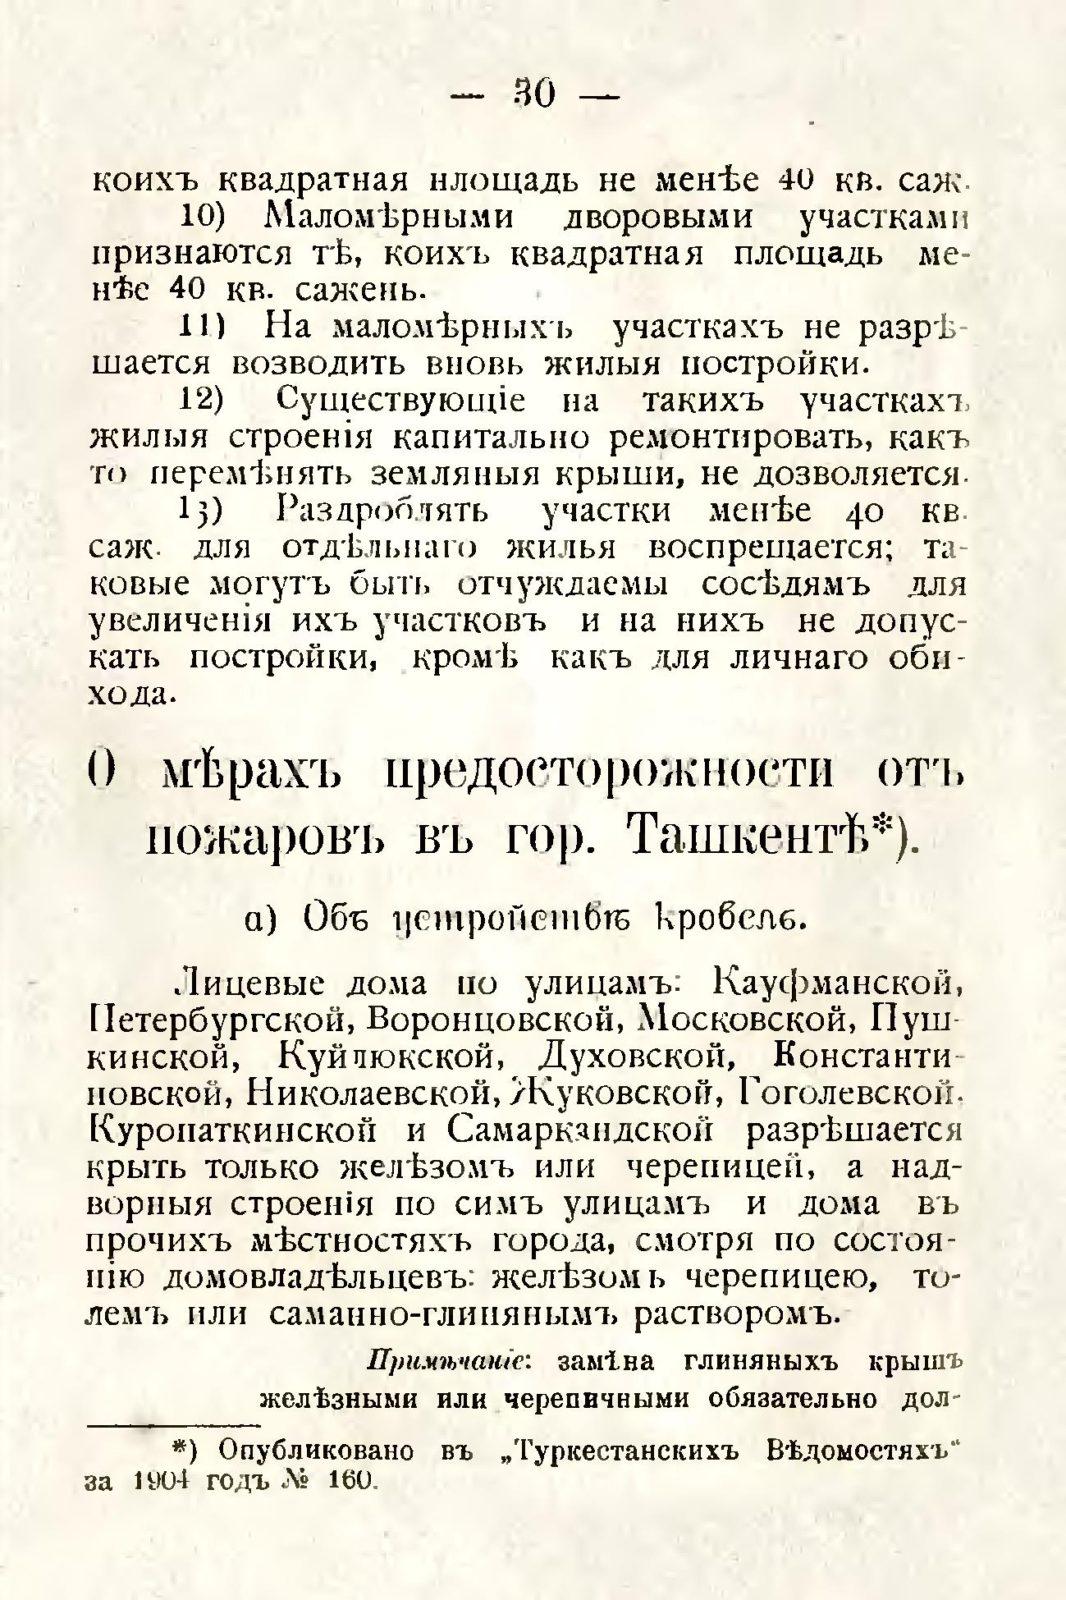 sbornik_obyazatelnyh_postanovlenii_tashkentskoi_gorodskoi_du_34